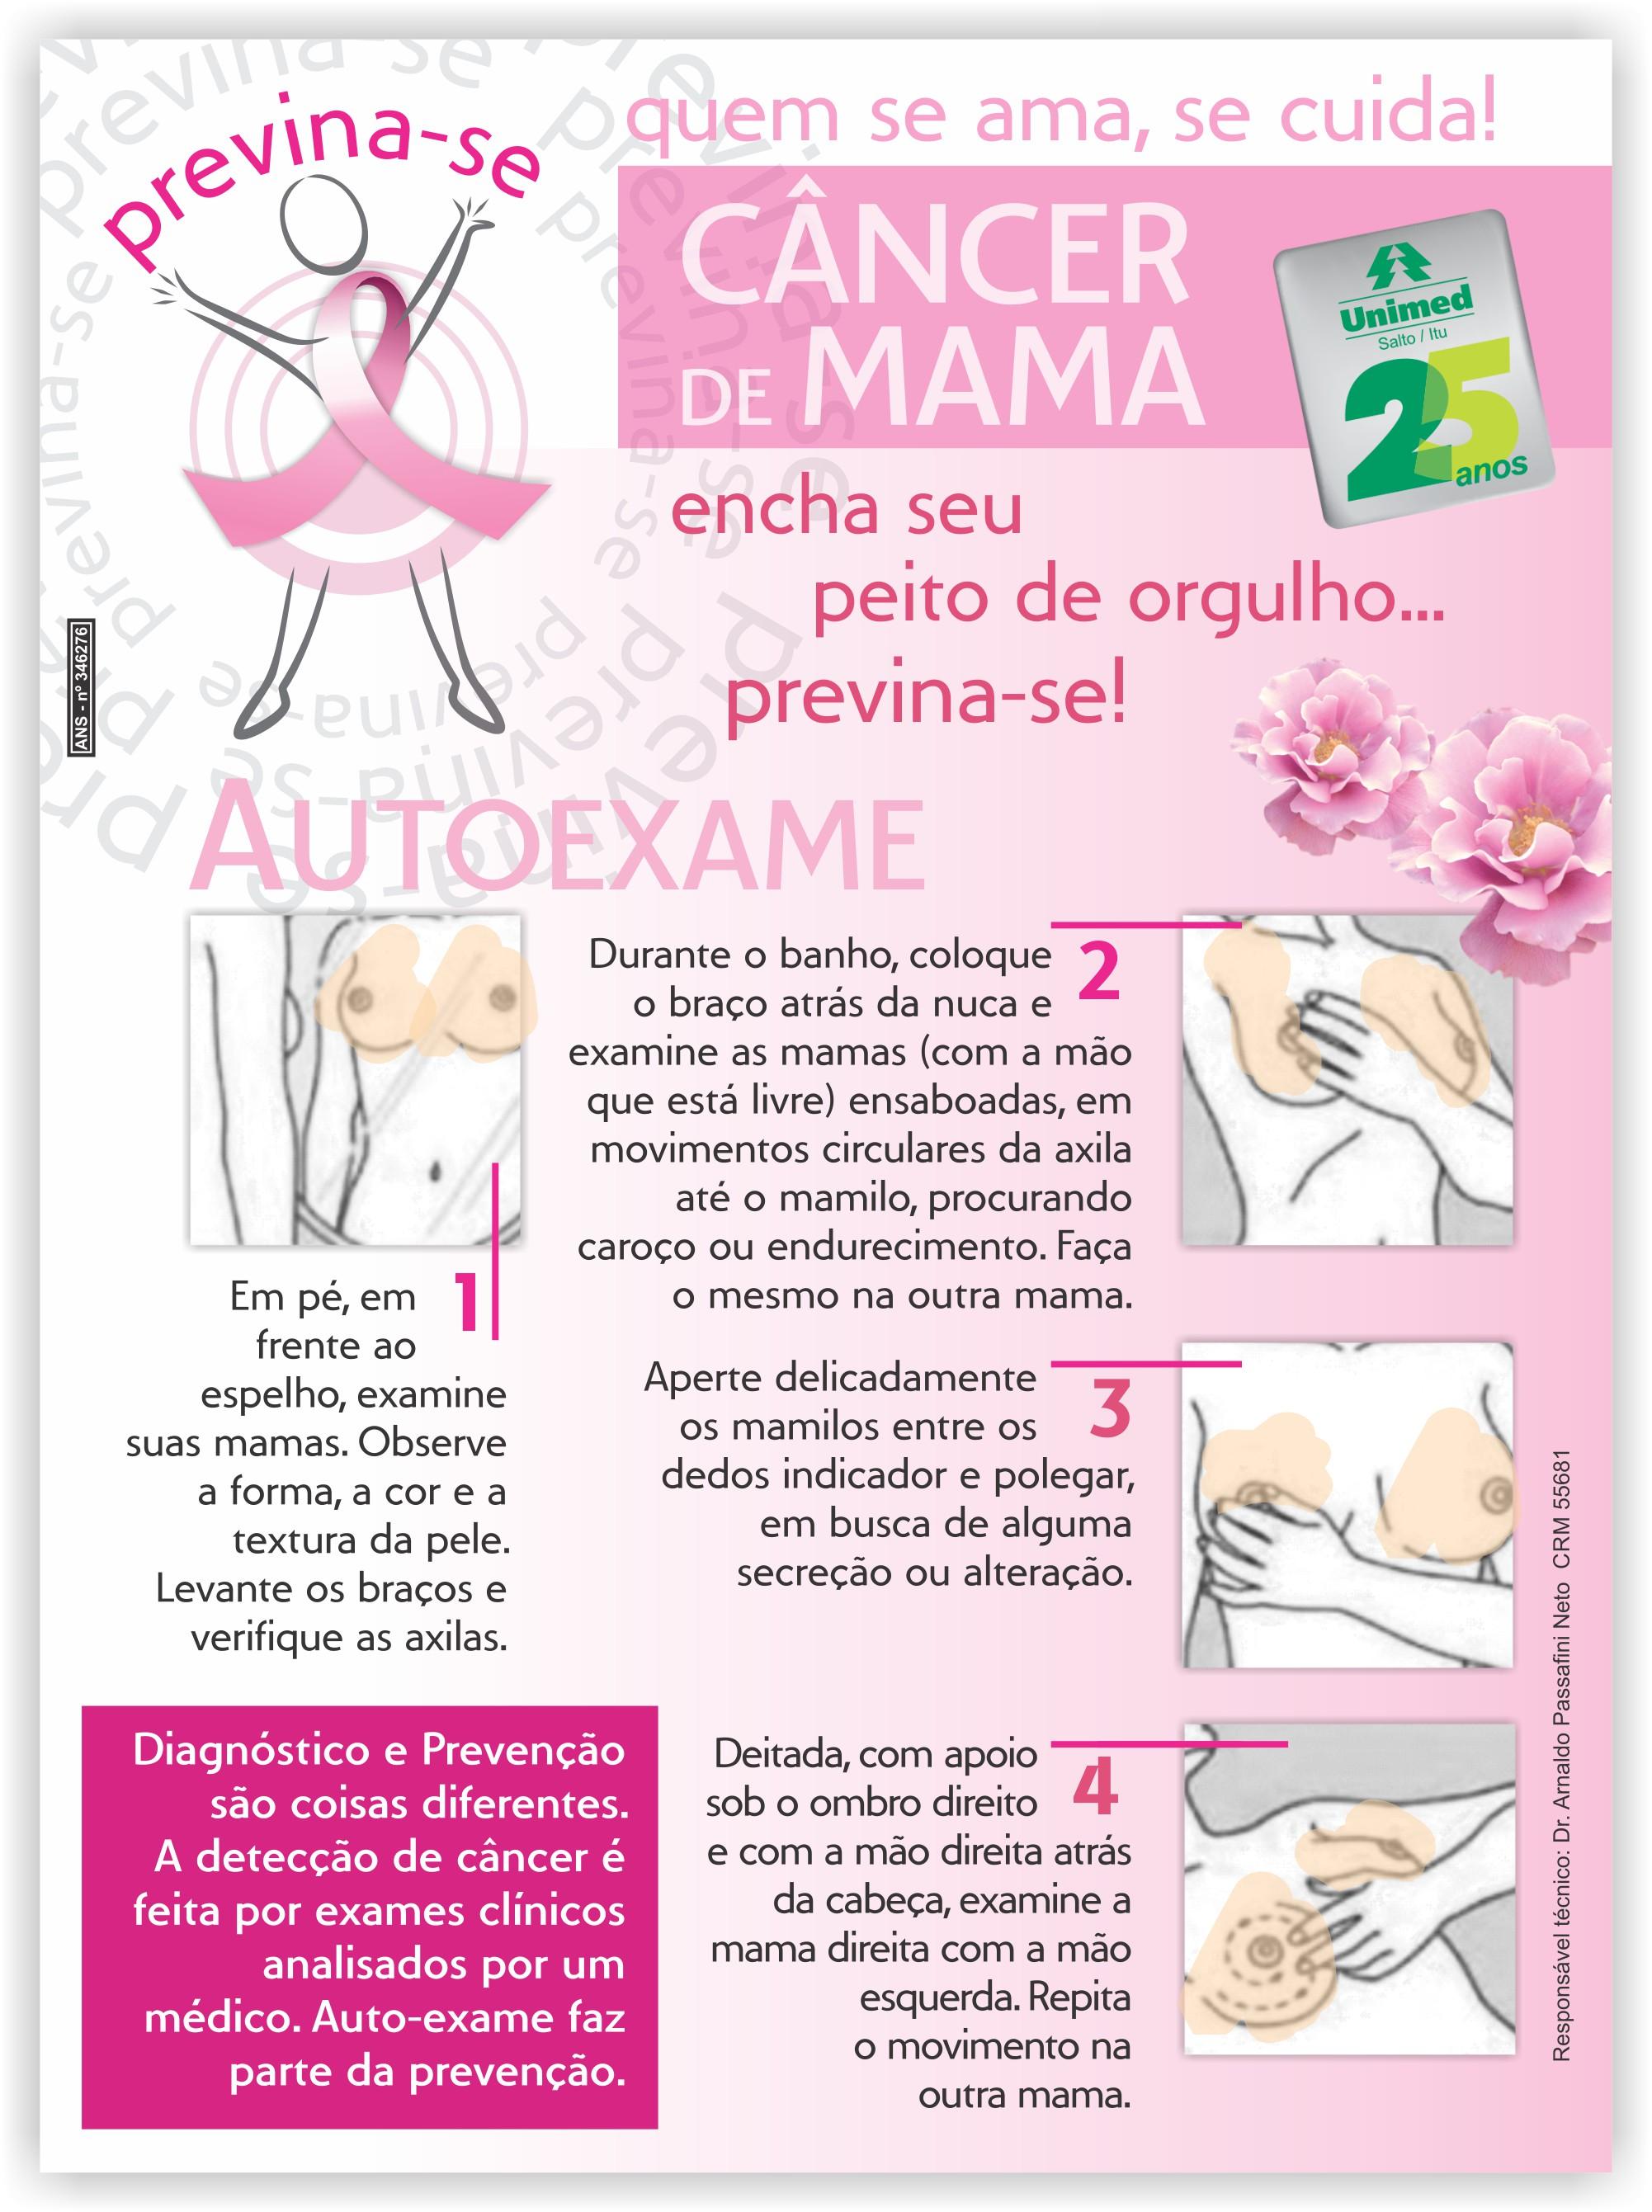 Cancer de mama auto exame